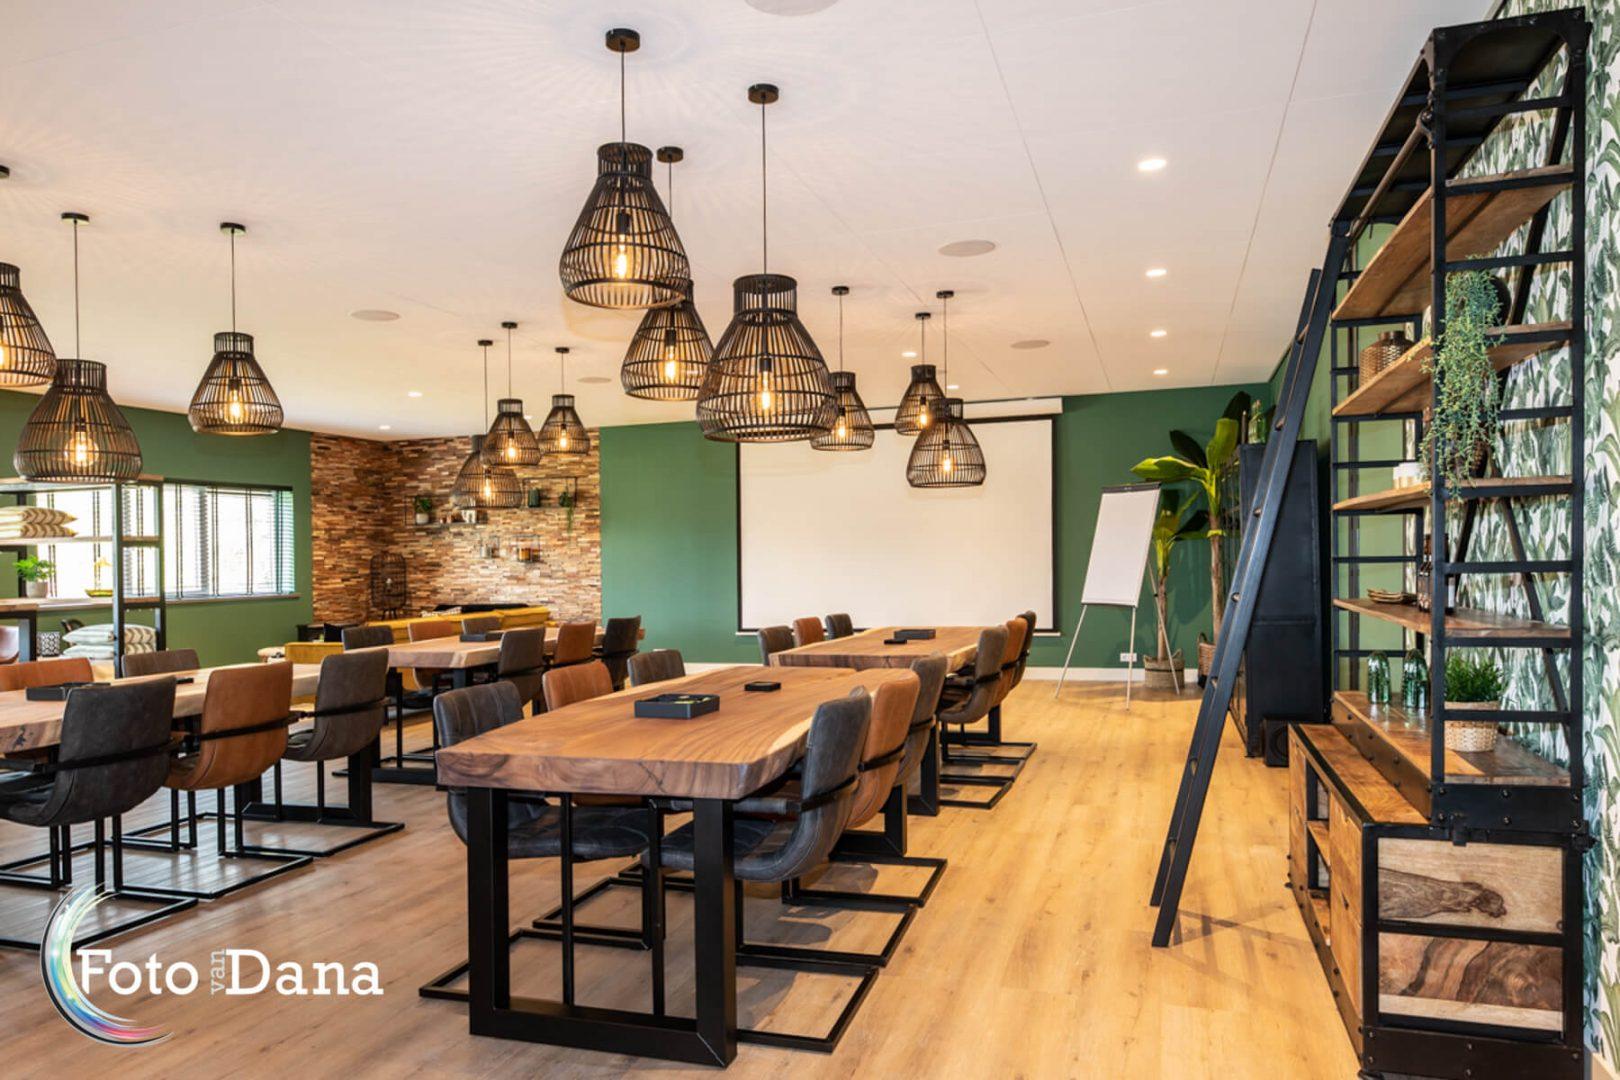 Mooie sfeervolle ruimte met grote tafels voor vergaderingen, bijeenkomsten, lezingen